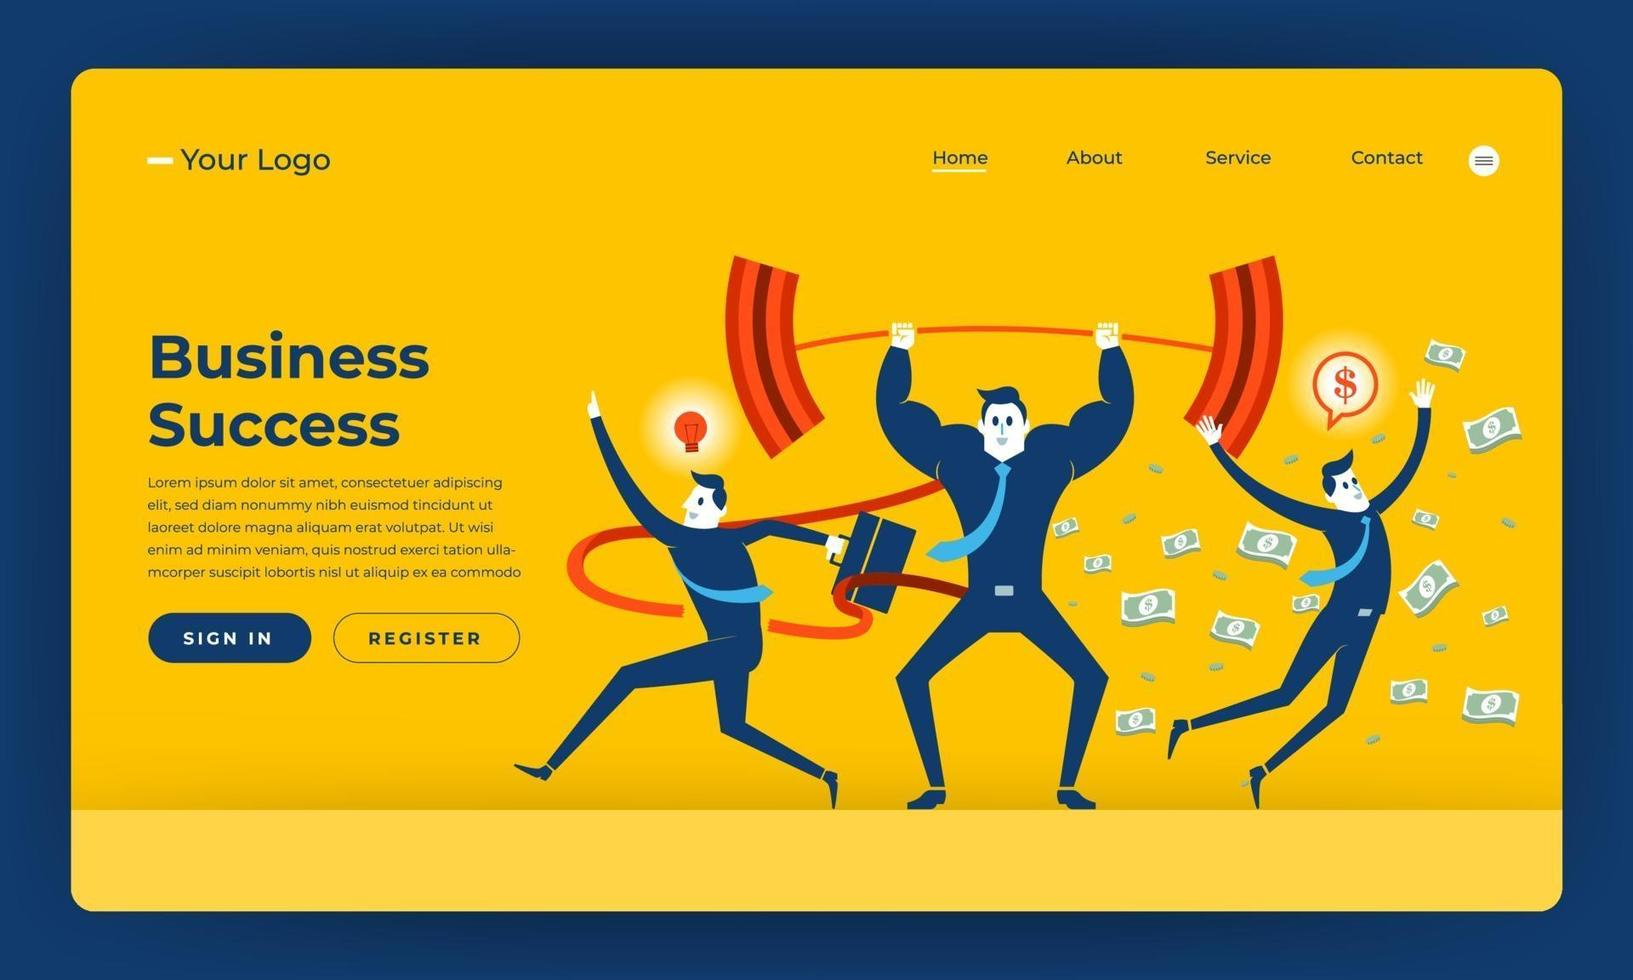 mock-up design webbplats platt design koncept företag framgång människor skicklighet. vektor illustration.